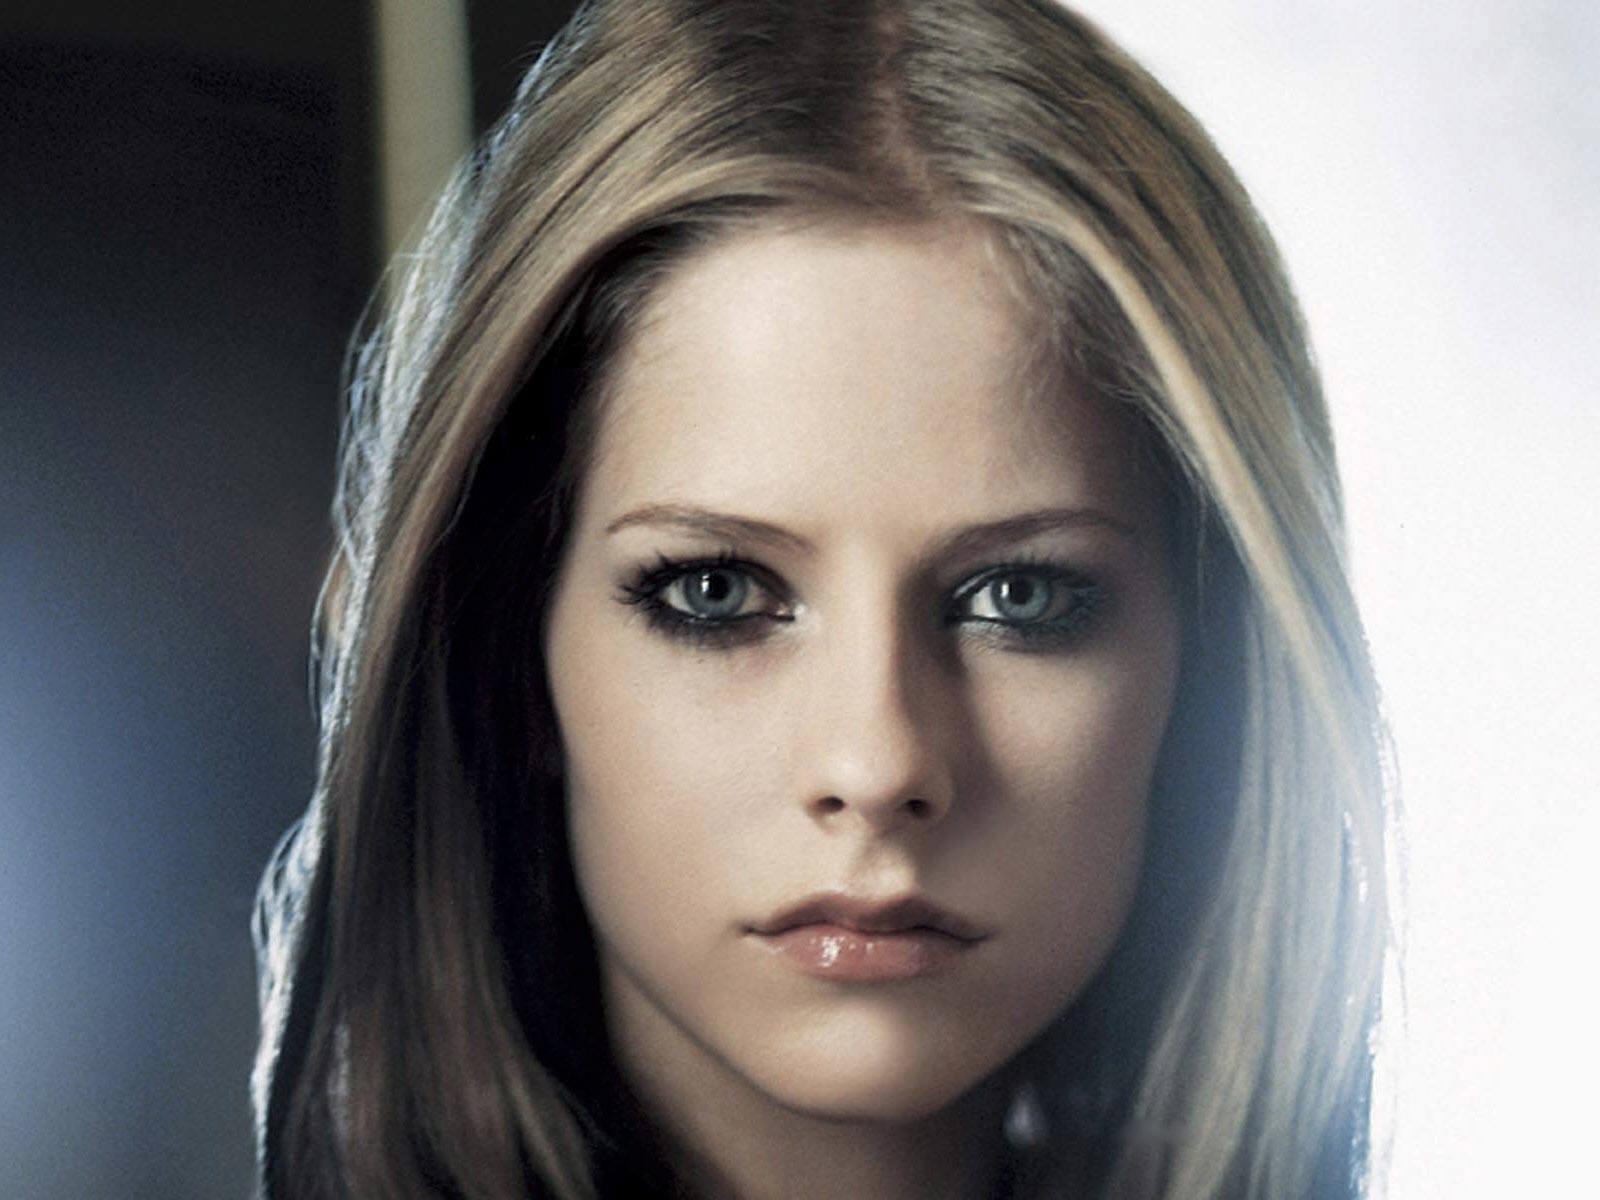 Wallpaper di Avril Lavigne - la popstar canadese è nata il 27 settembre 1984